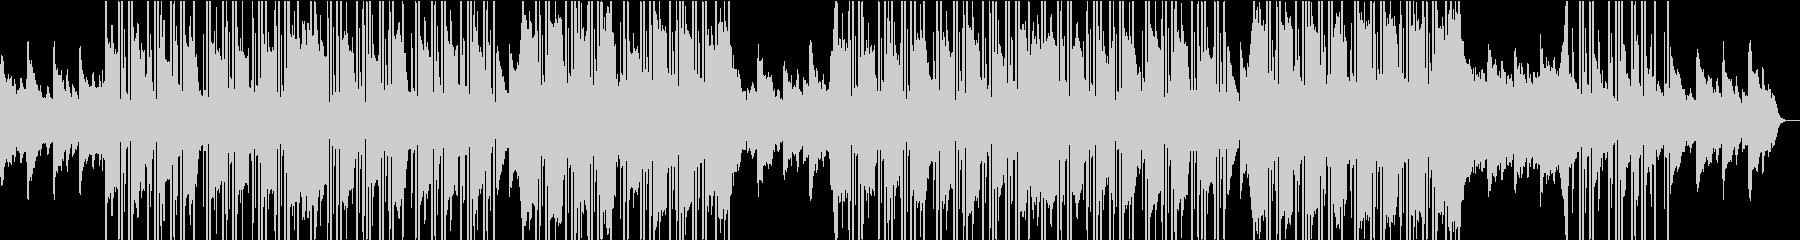 シネマティックなピアノ(エモいバラード)の未再生の波形